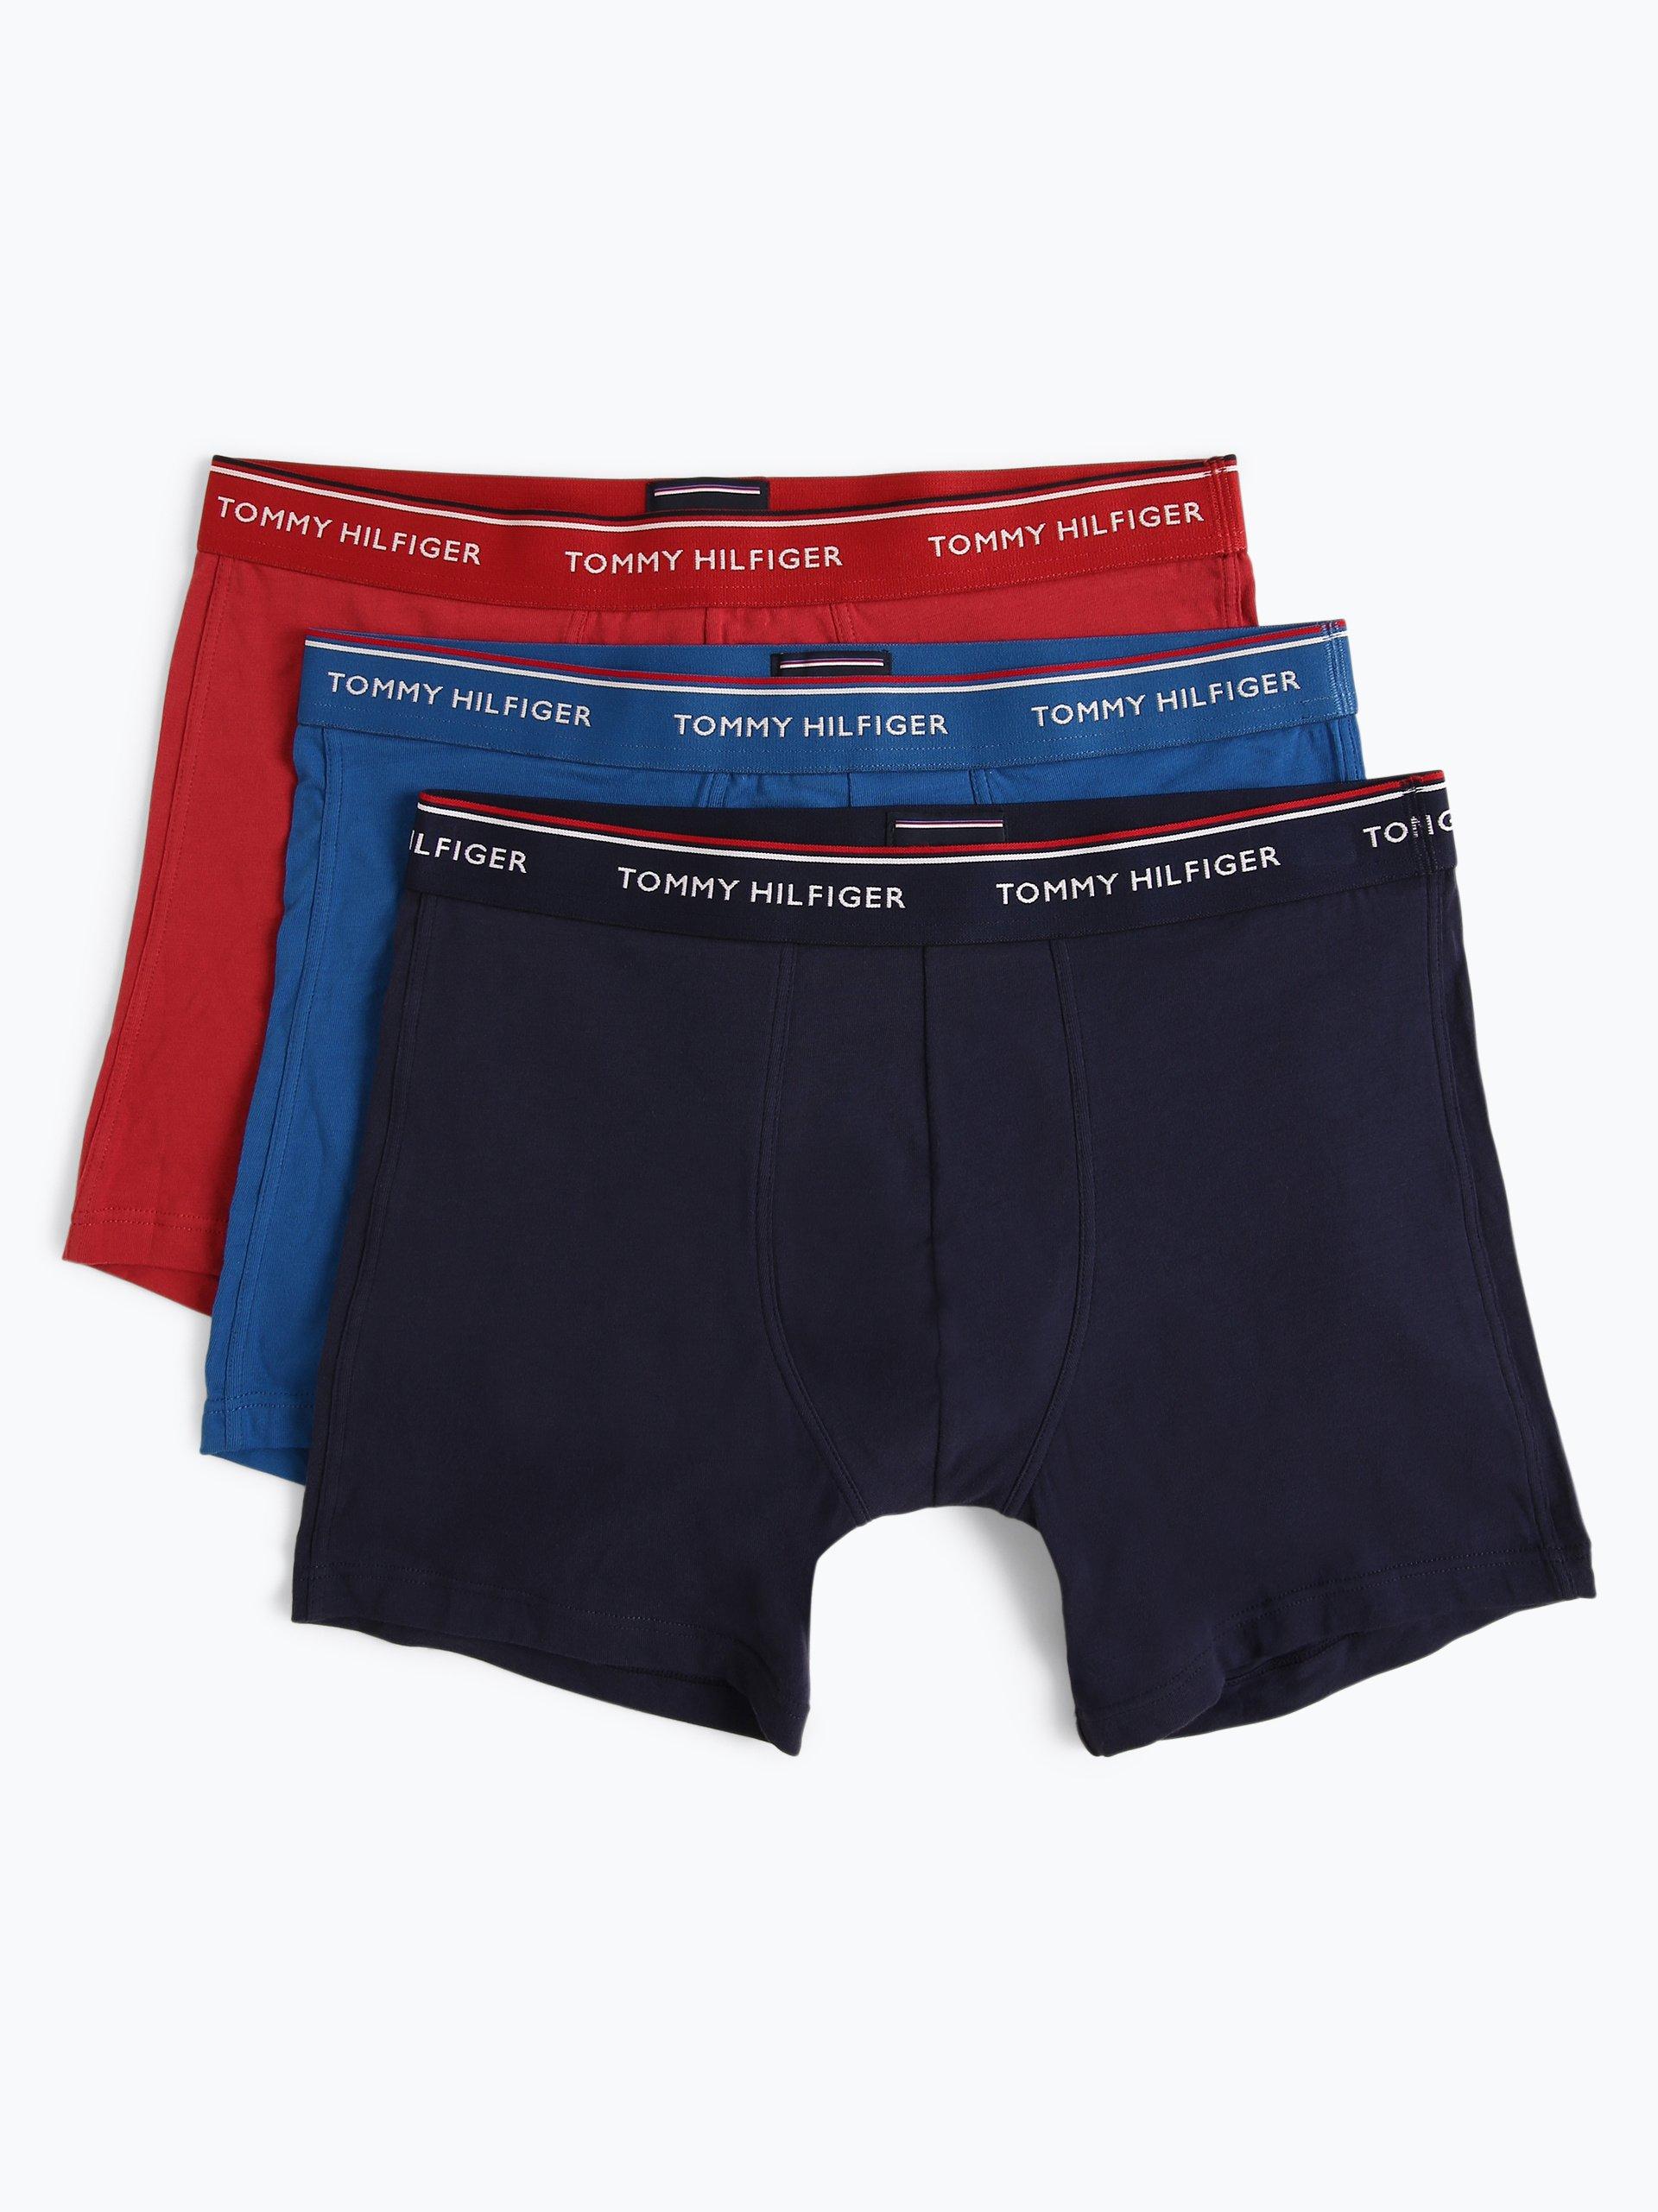 Tommy Hilfiger Herren Pants im 3er-Pack